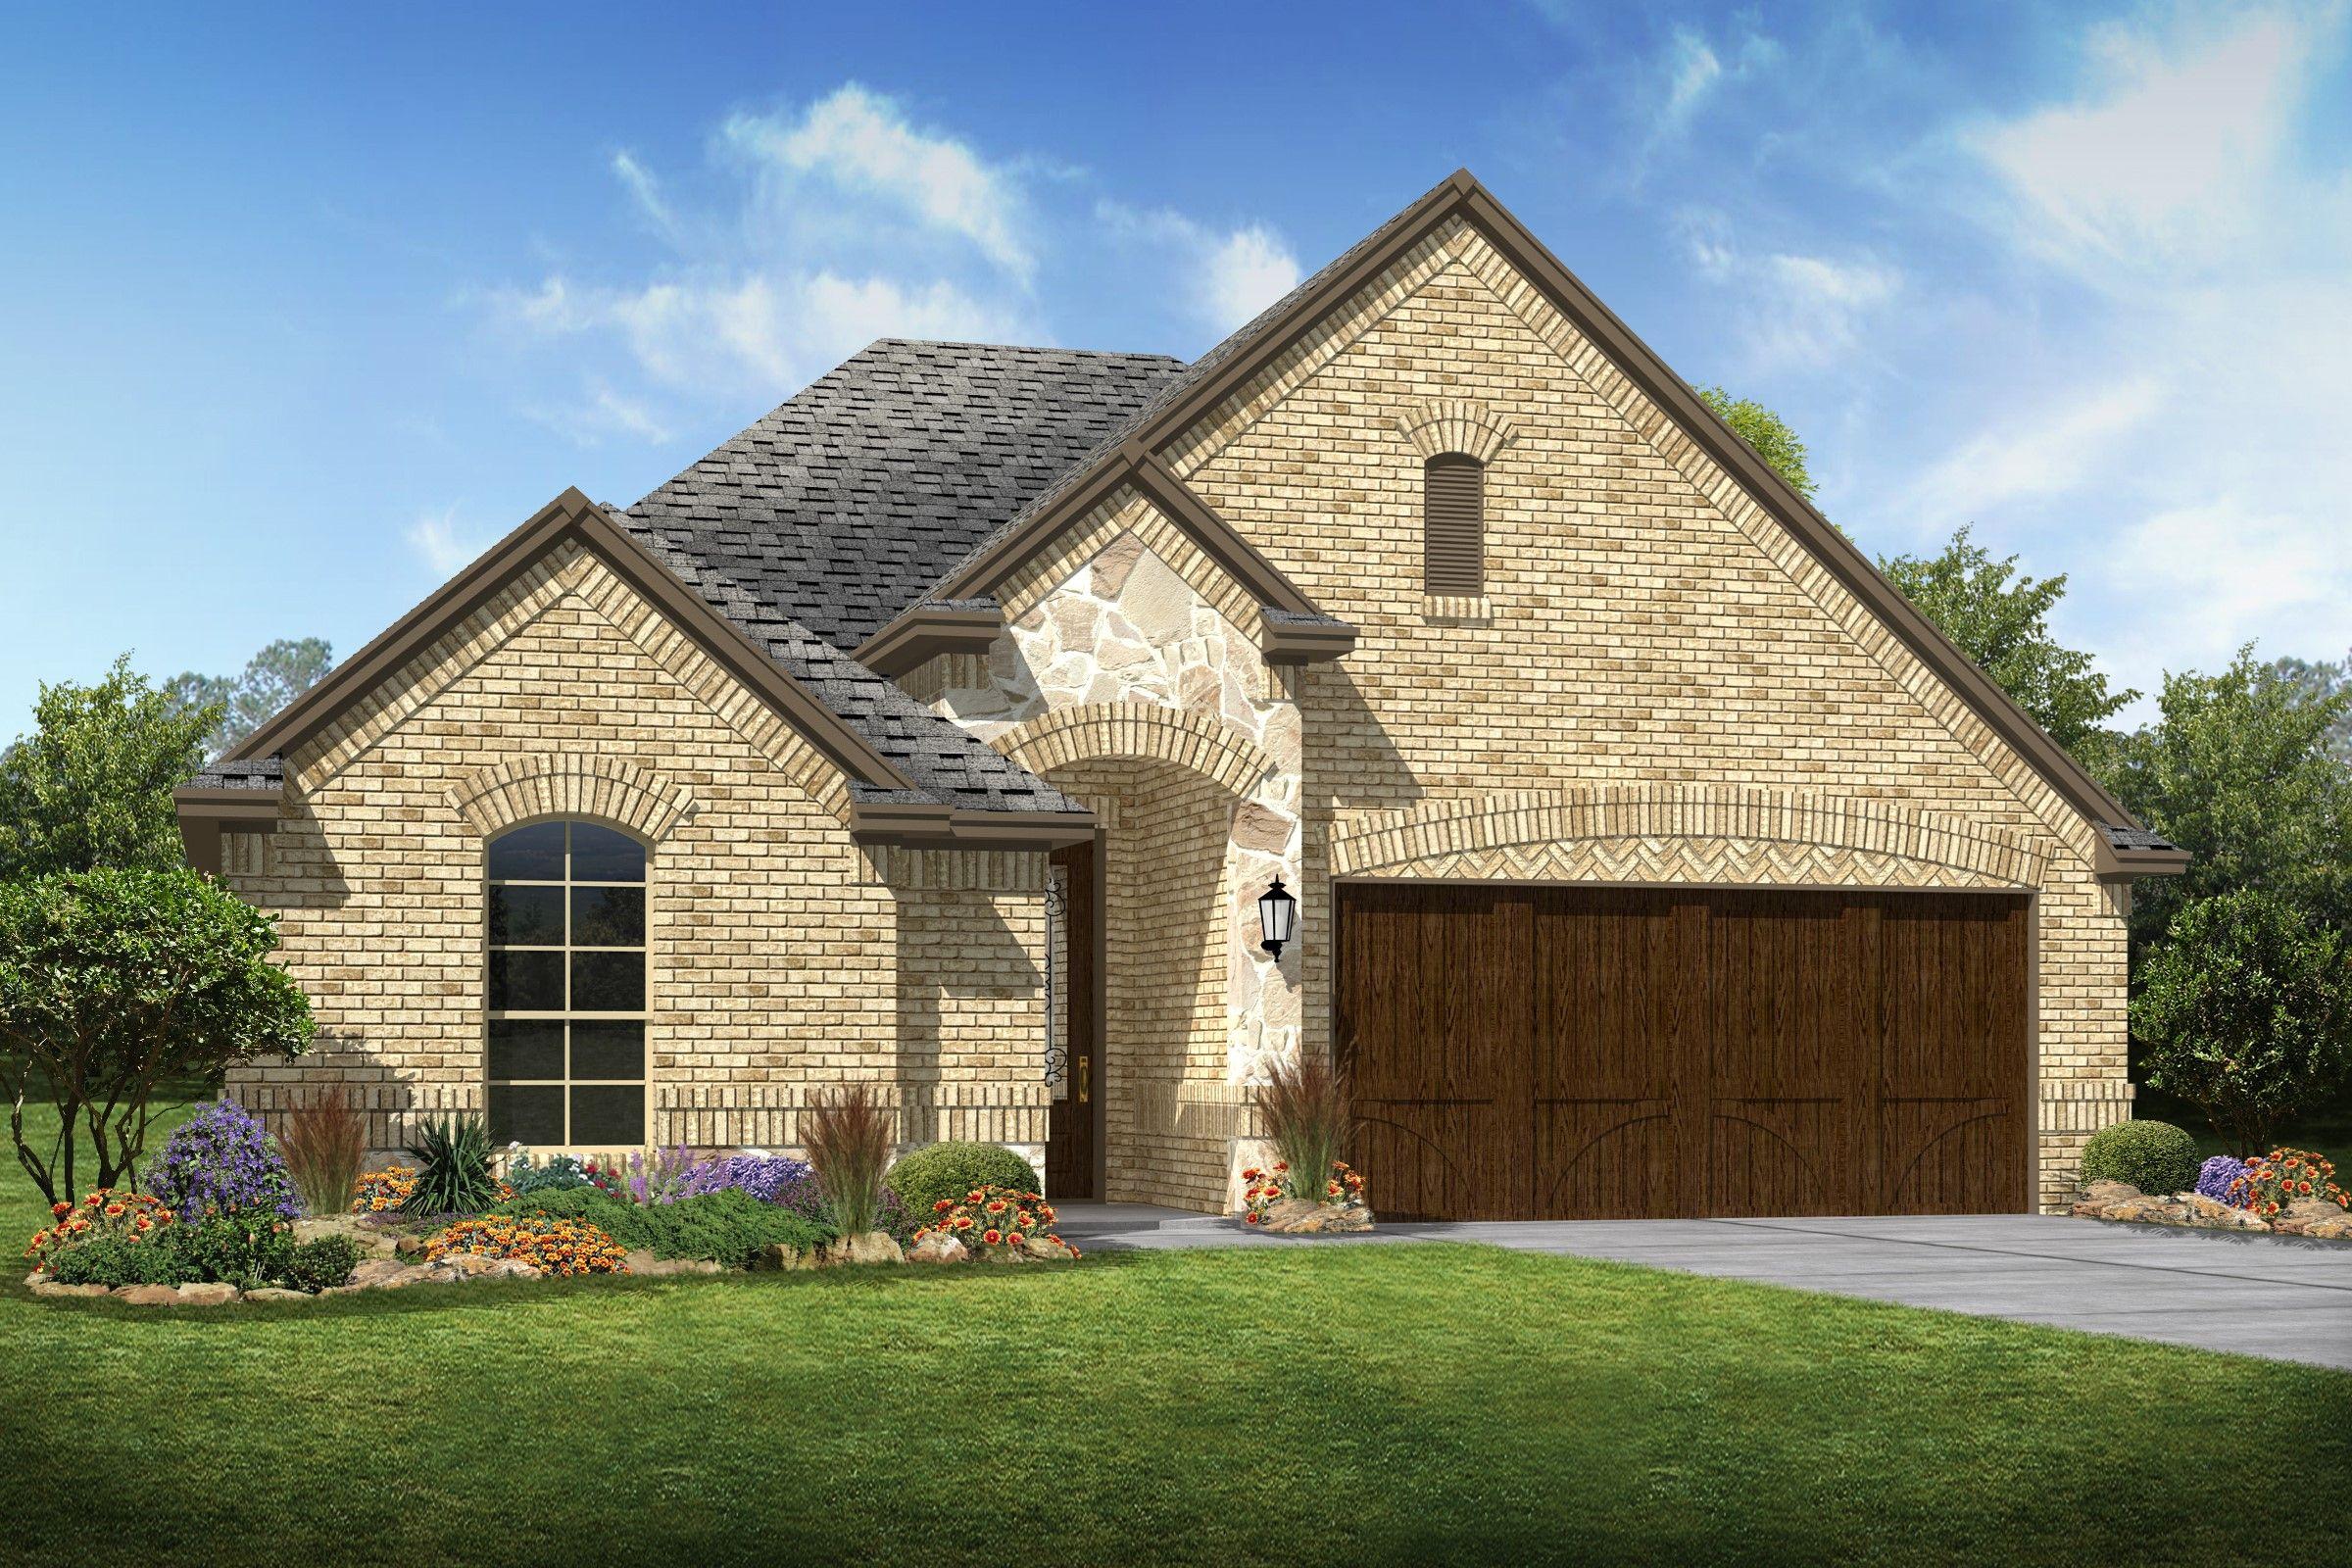 K hovnanian r homes berkshire laredo 1252627 fort for Laredo home builders